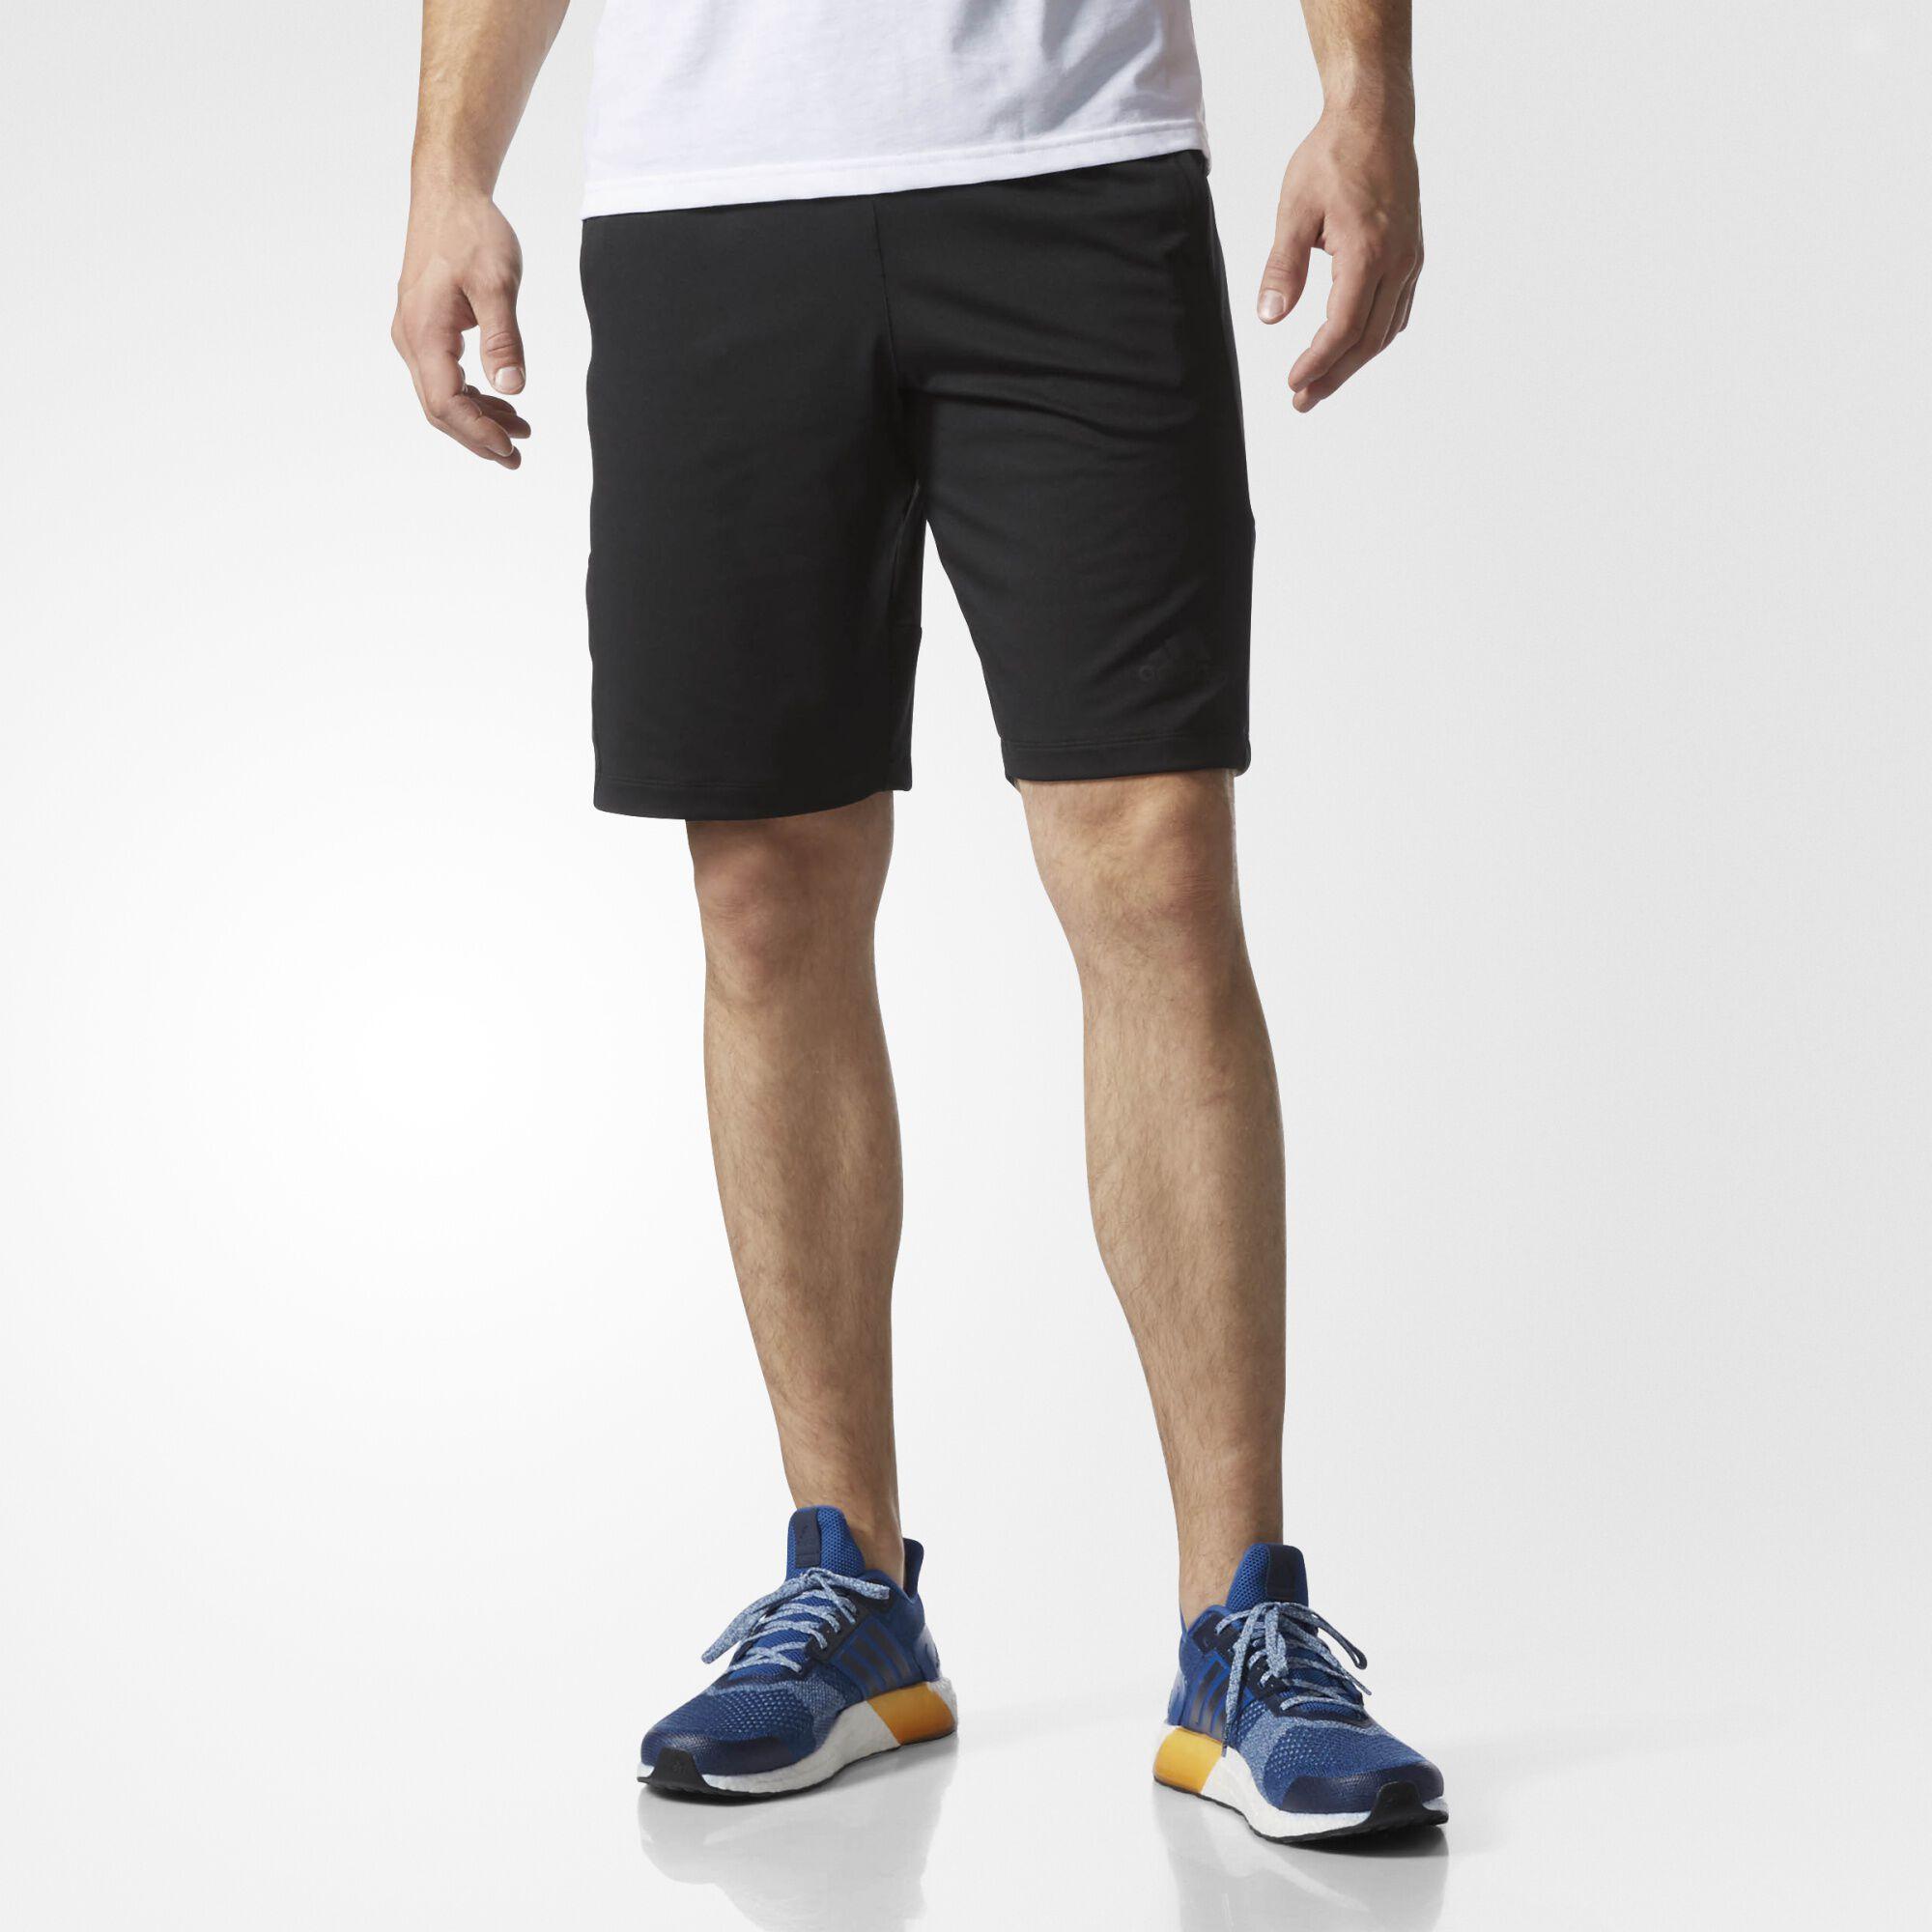 Adidas Mens Training Shoes  Training Clothing Adidas US - Us zip code type